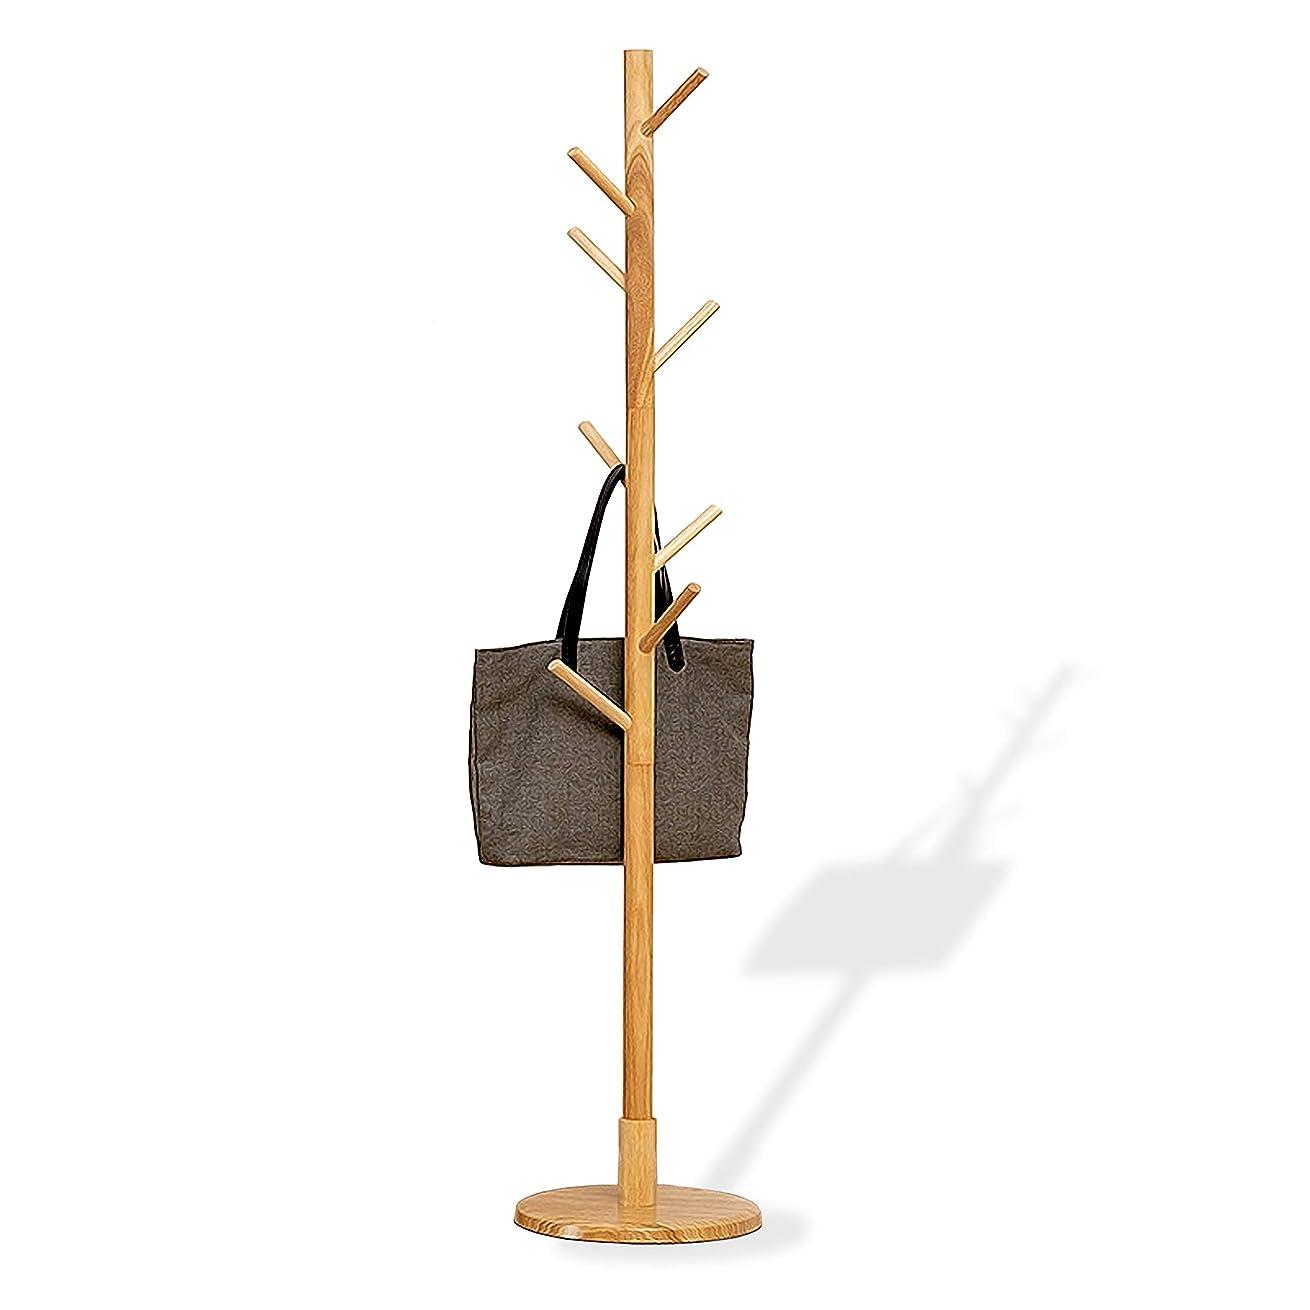 勝利トムオードリース少ないAKOZLIN ポールハンガー 木製ハンガー 小枝 コートハンガー 木製コートハンガー ハンガーラック 帽子掛け スーツ掛け 耐荷重50KG フック8本 丸型の台座直径35cm×高さ165cm 頑丈 おしゃれ 北欧風 オシャレ